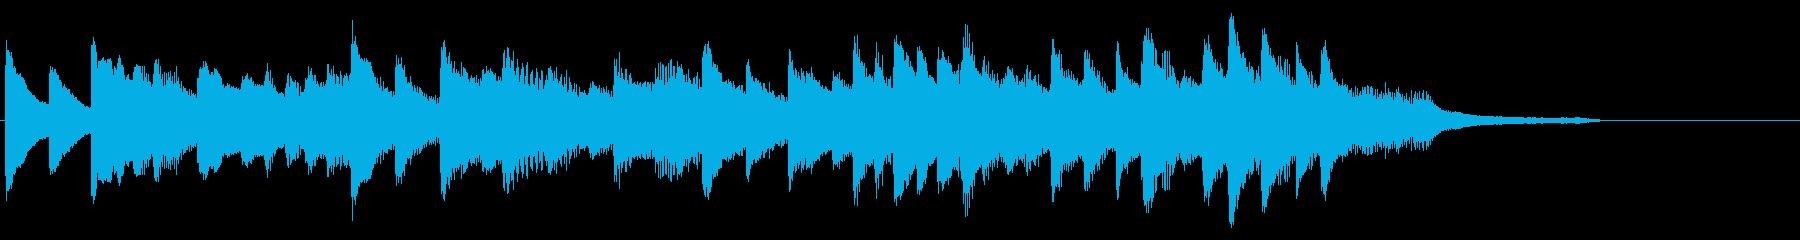 少し華やかなディズニー風の明るい短い曲の再生済みの波形